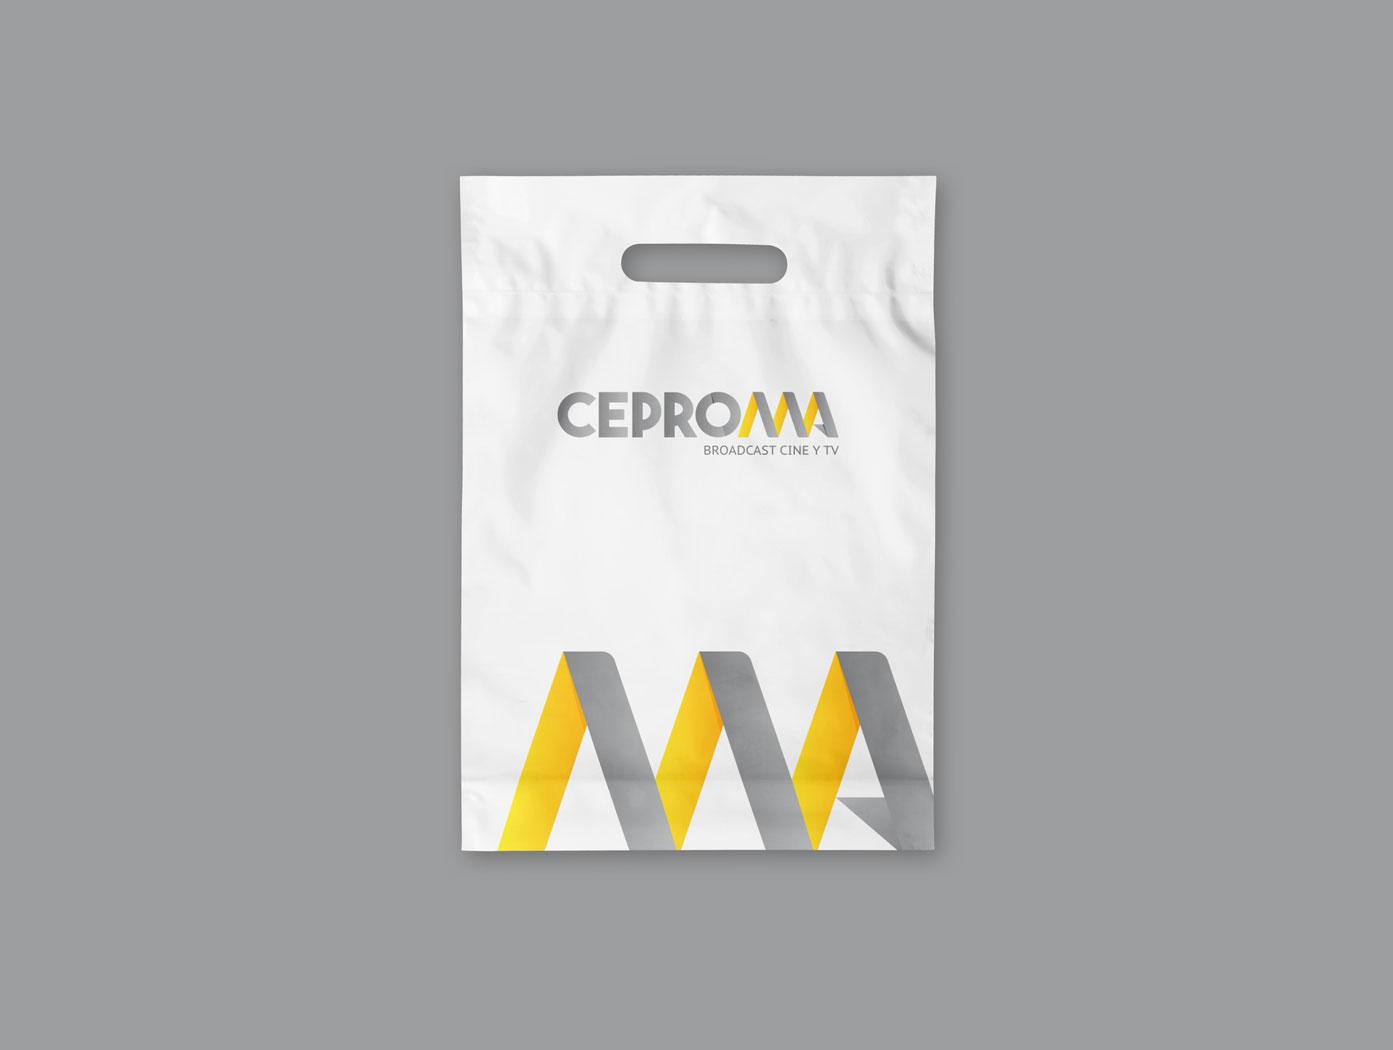 CEPROMA Broadcast Cine TV